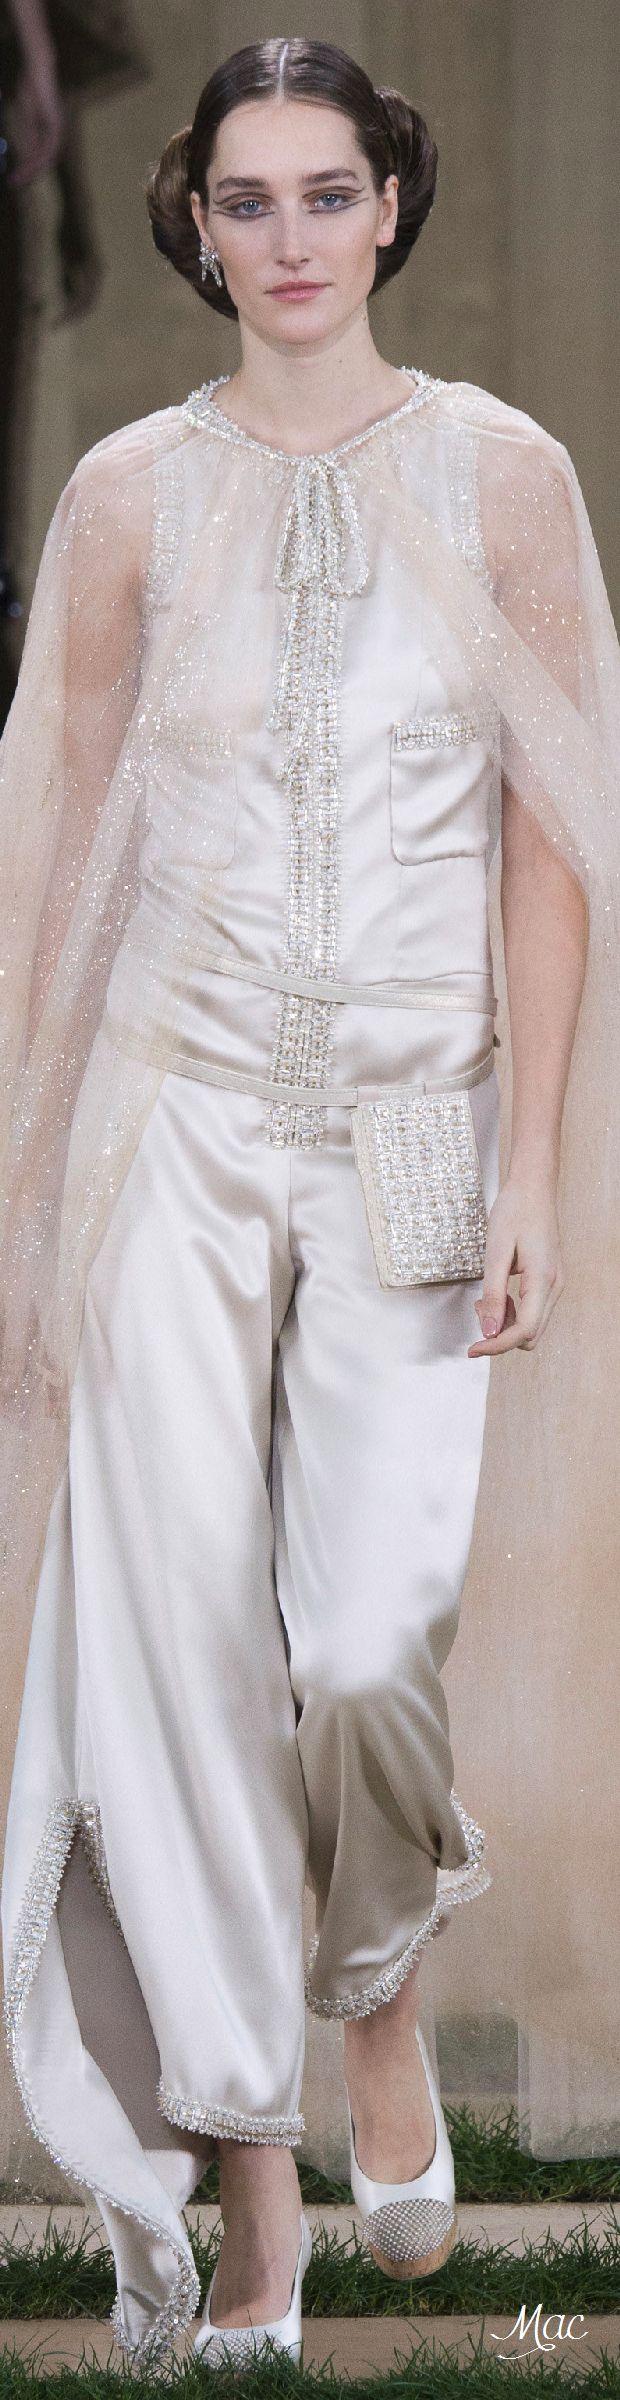 Chanel haute couture printemps-été 2016 | Visitez espritdegabrielle.com #ChanelHauteCouture #ChanelHC16 #SpringSummer2016 #SS16 #espritdegabrielle